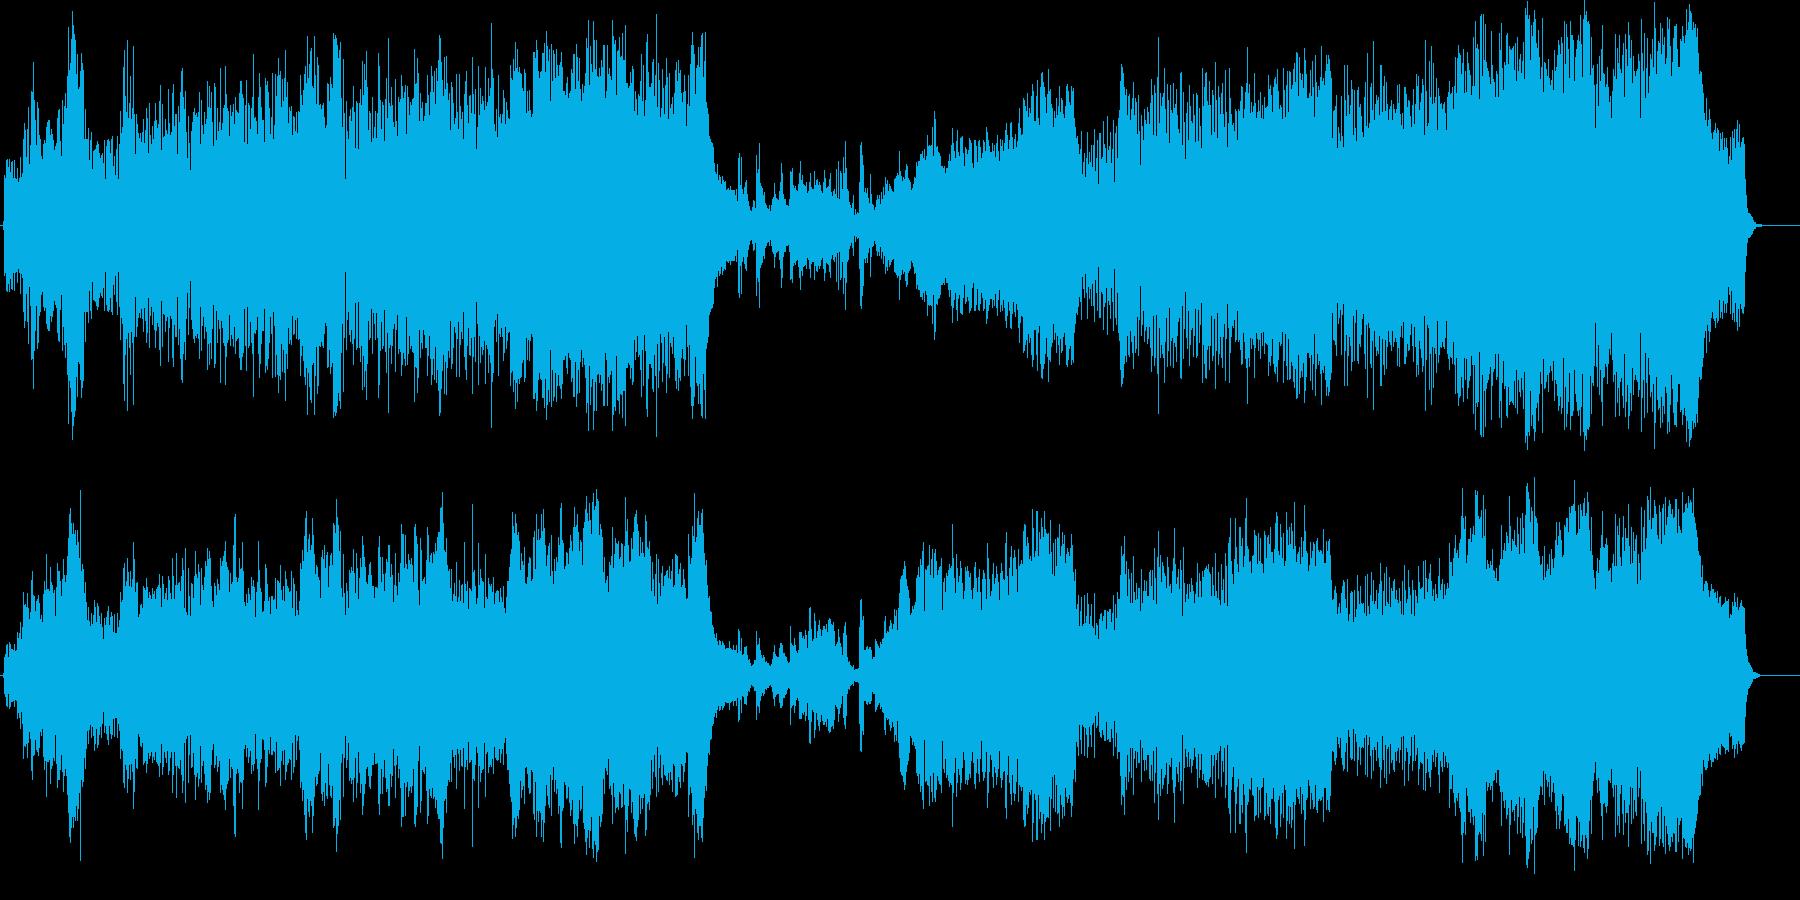 サイレント音楽風オーケストラ・サウンドの再生済みの波形